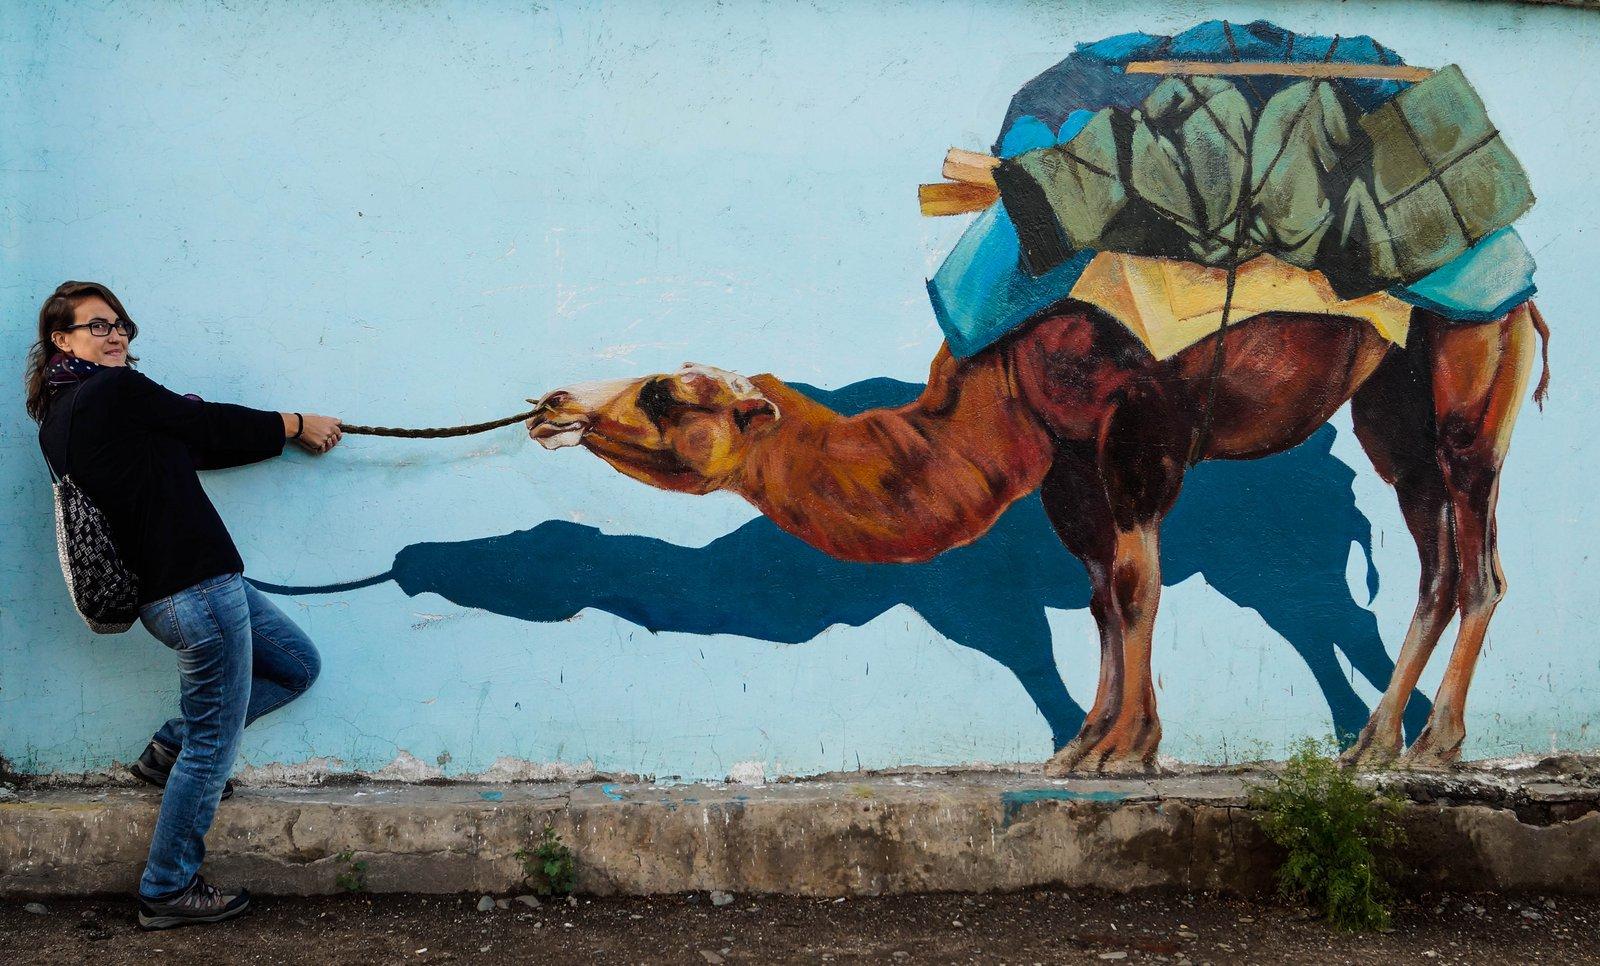 Nuestro diario de aventuras - Camello